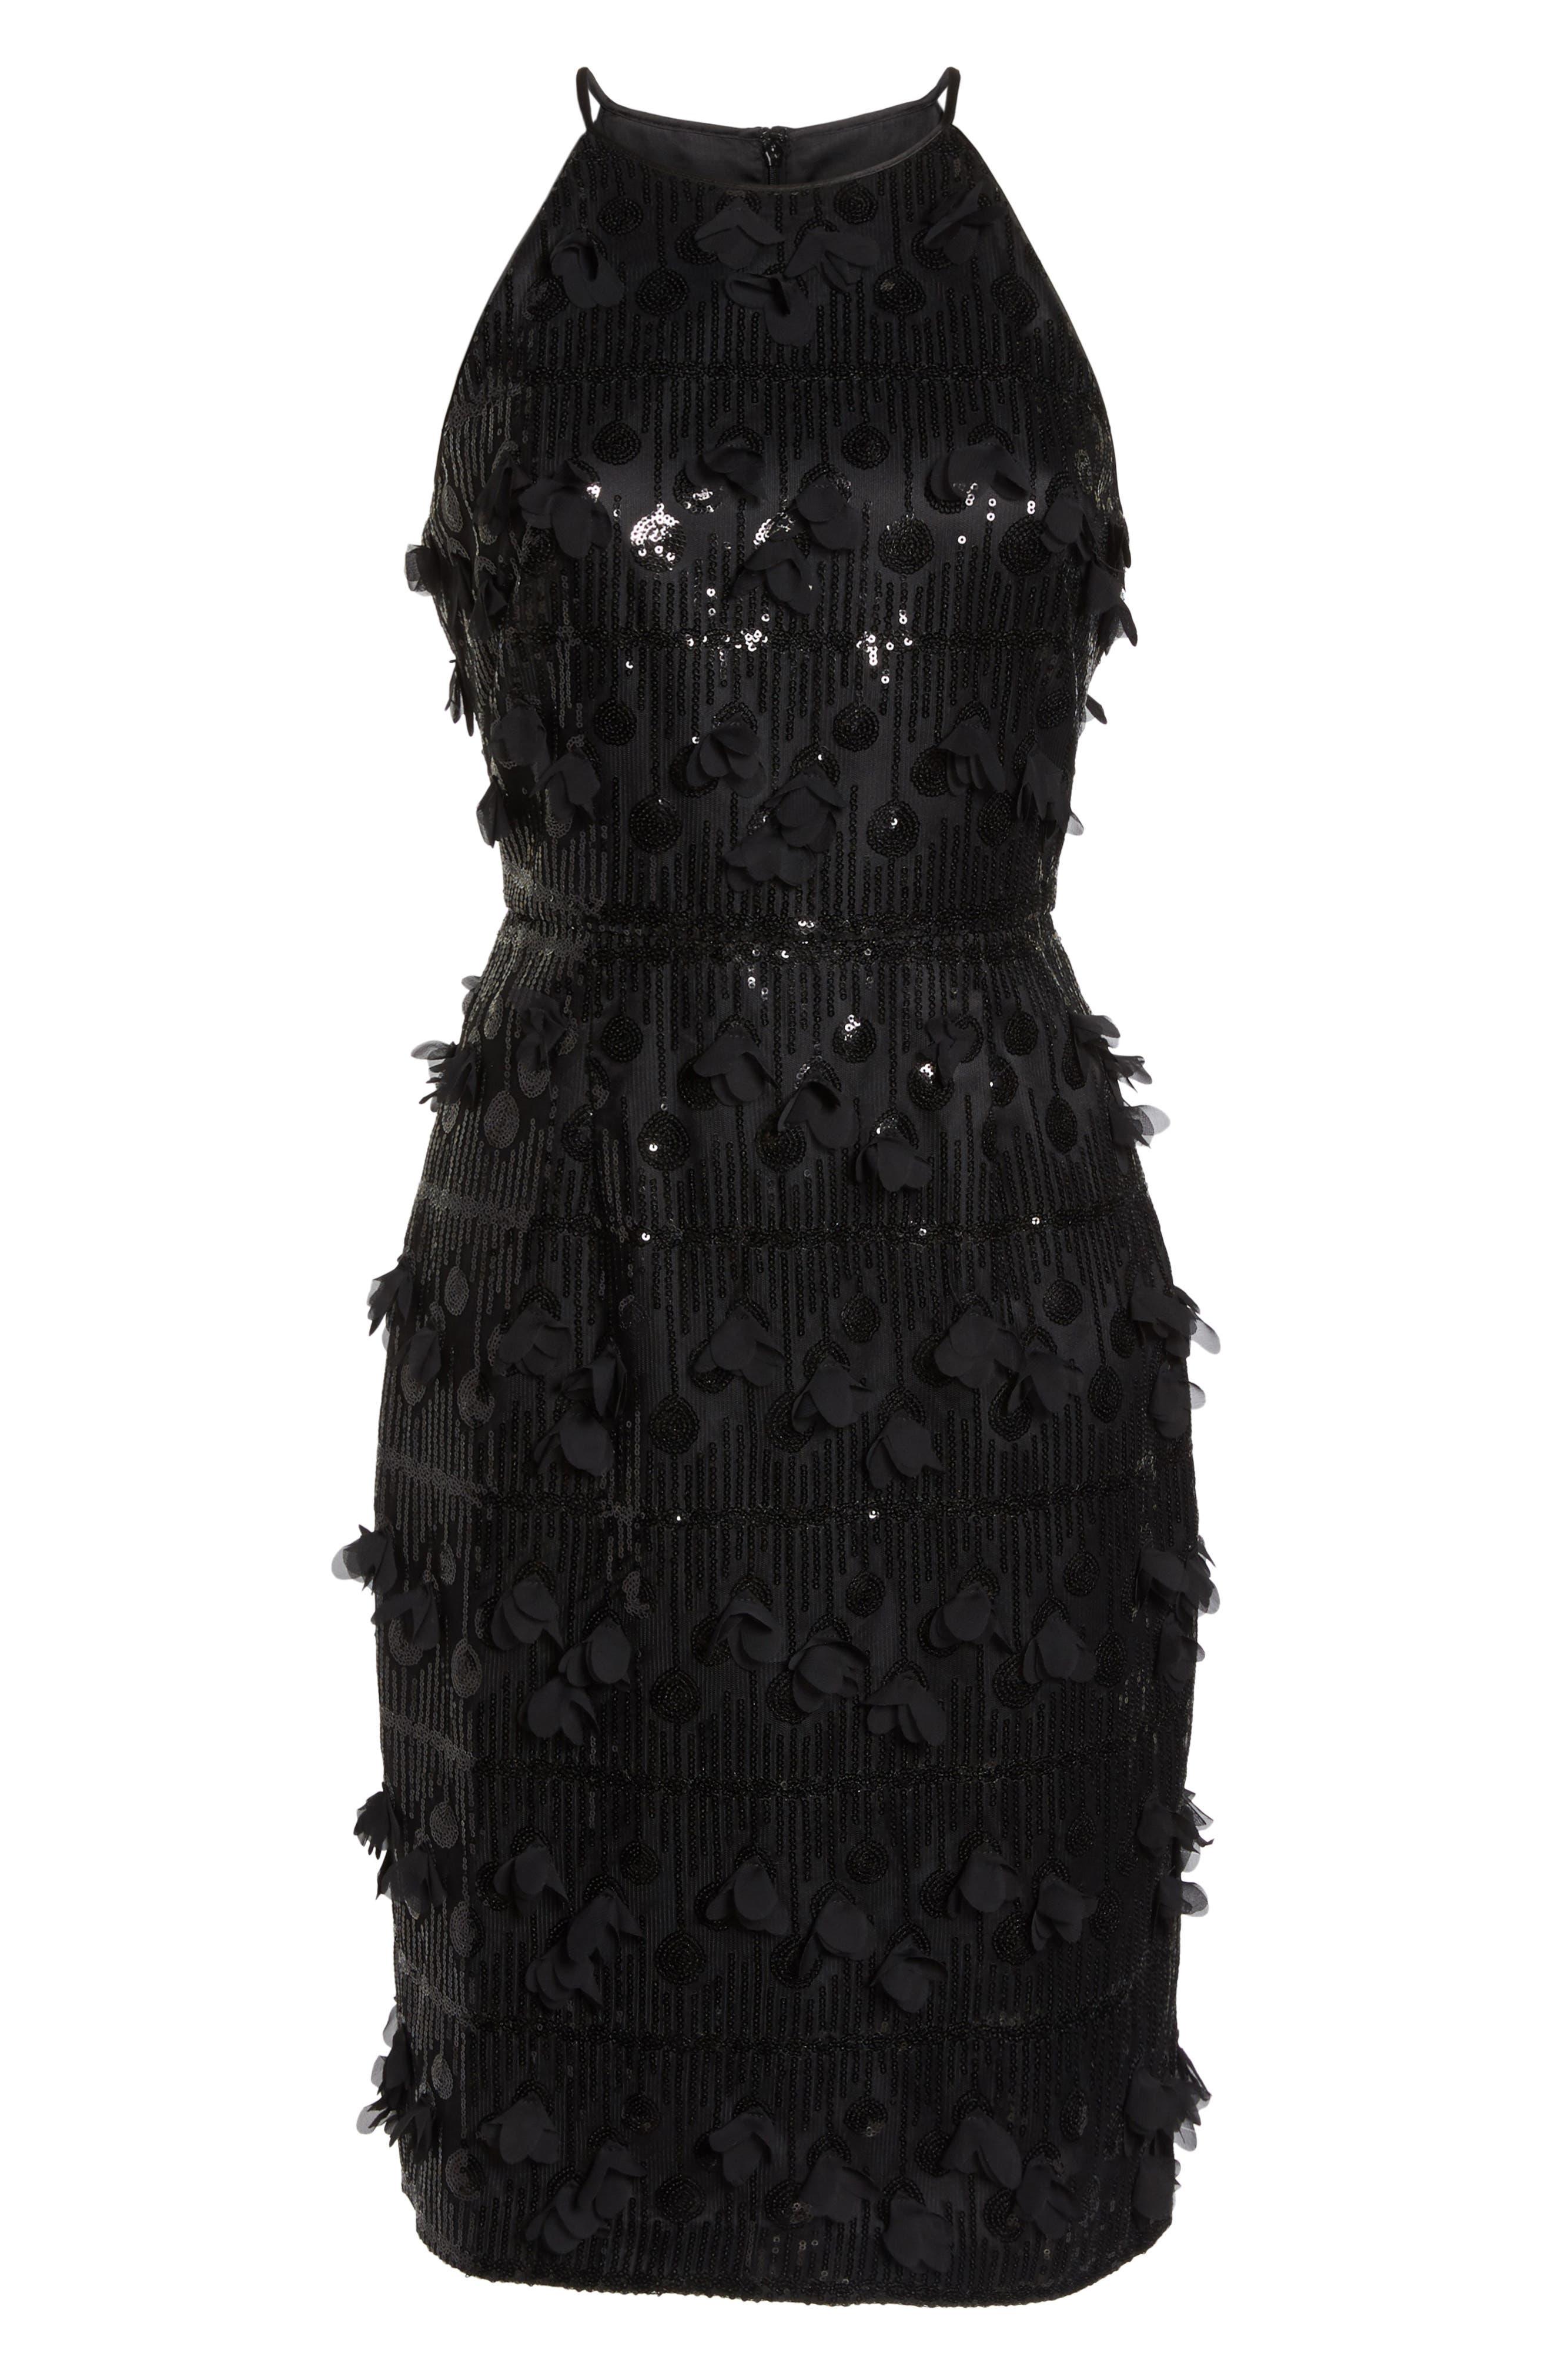 3D Floral & Sequin Cocktail Dress,                             Alternate thumbnail 7, color,                             Black